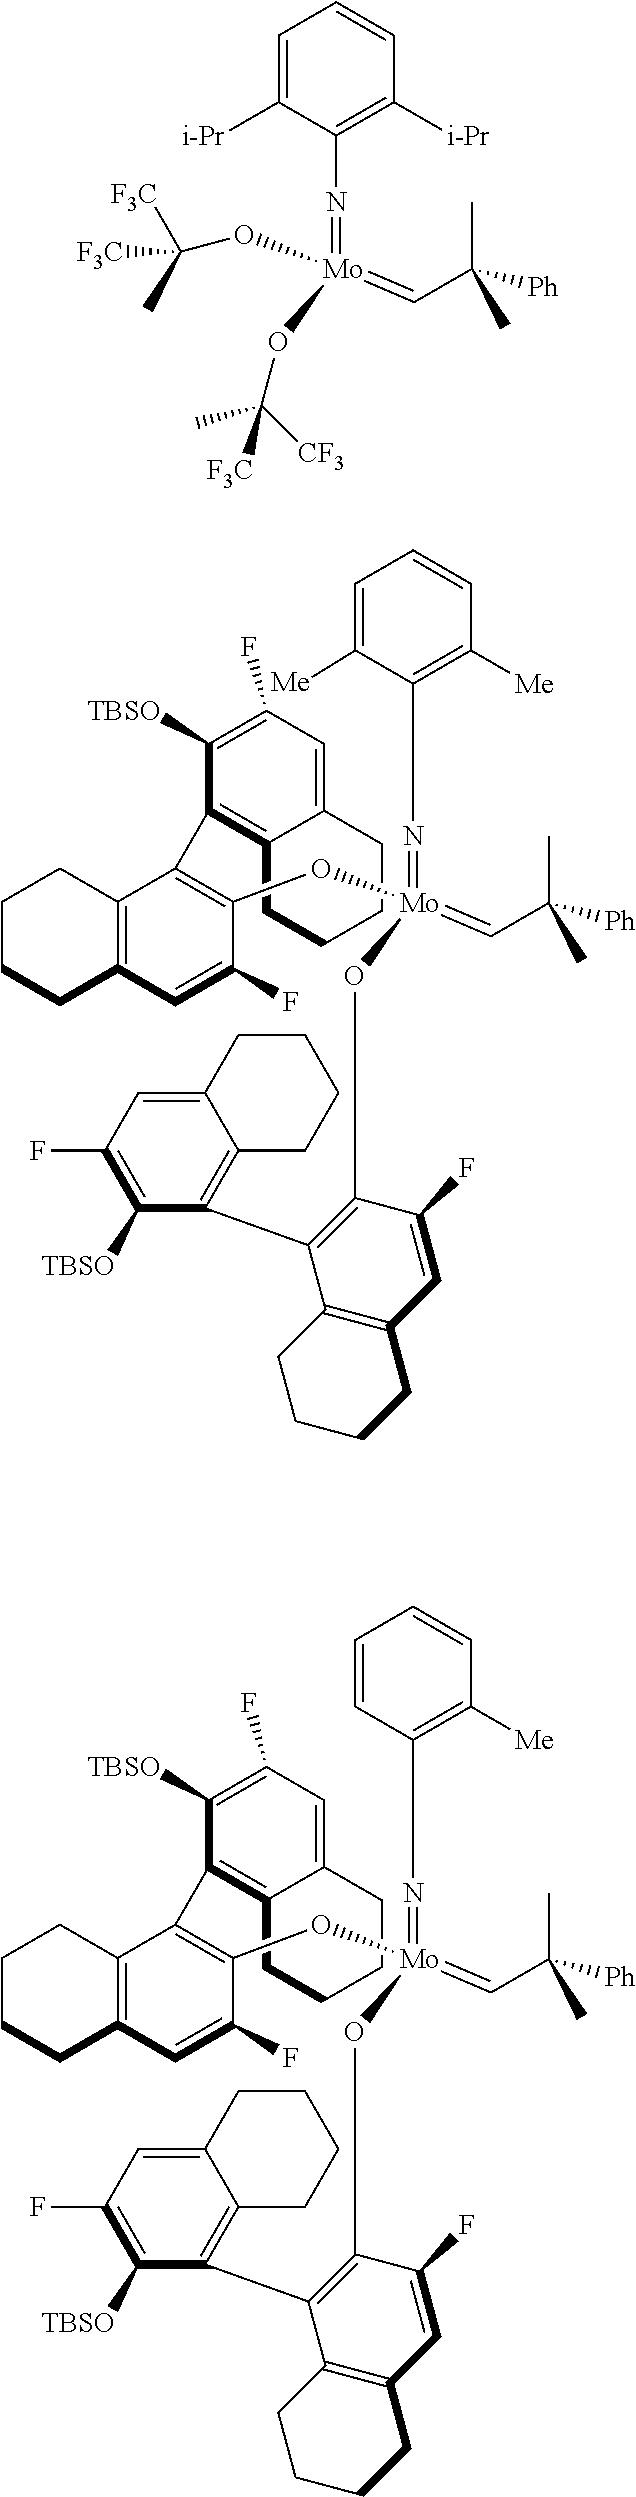 Figure US09446394-20160920-C00163